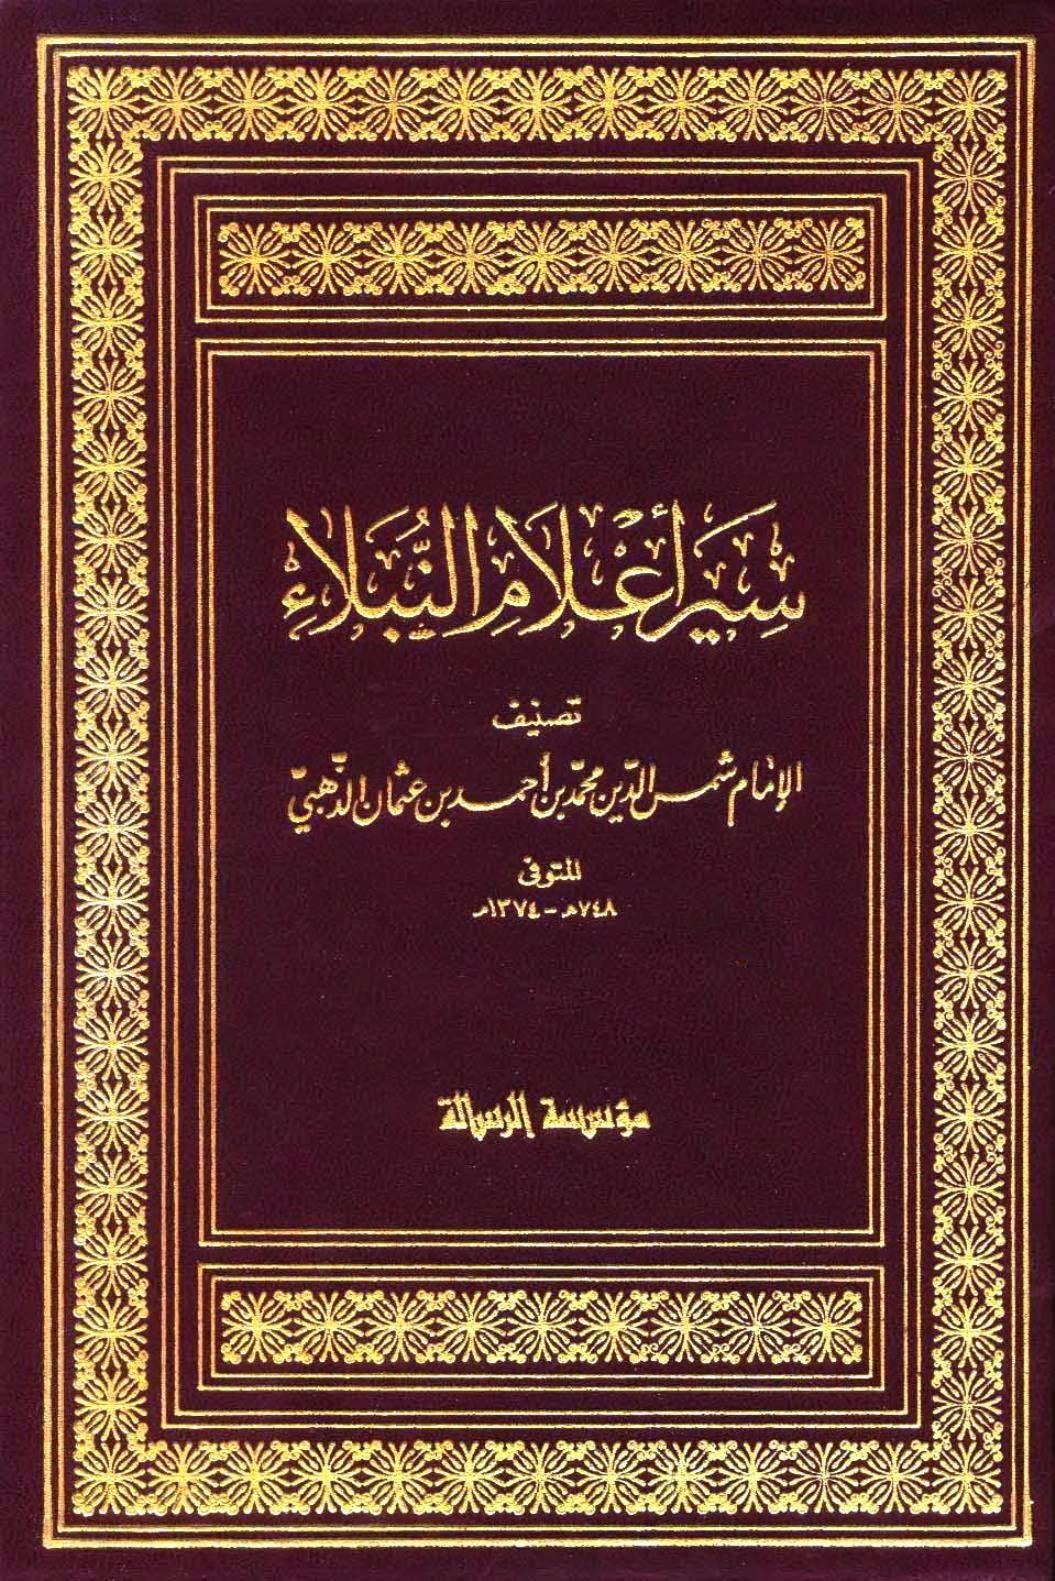 Photo of تحميل كتاب سير أعلام النبلاء pdf للذهبي